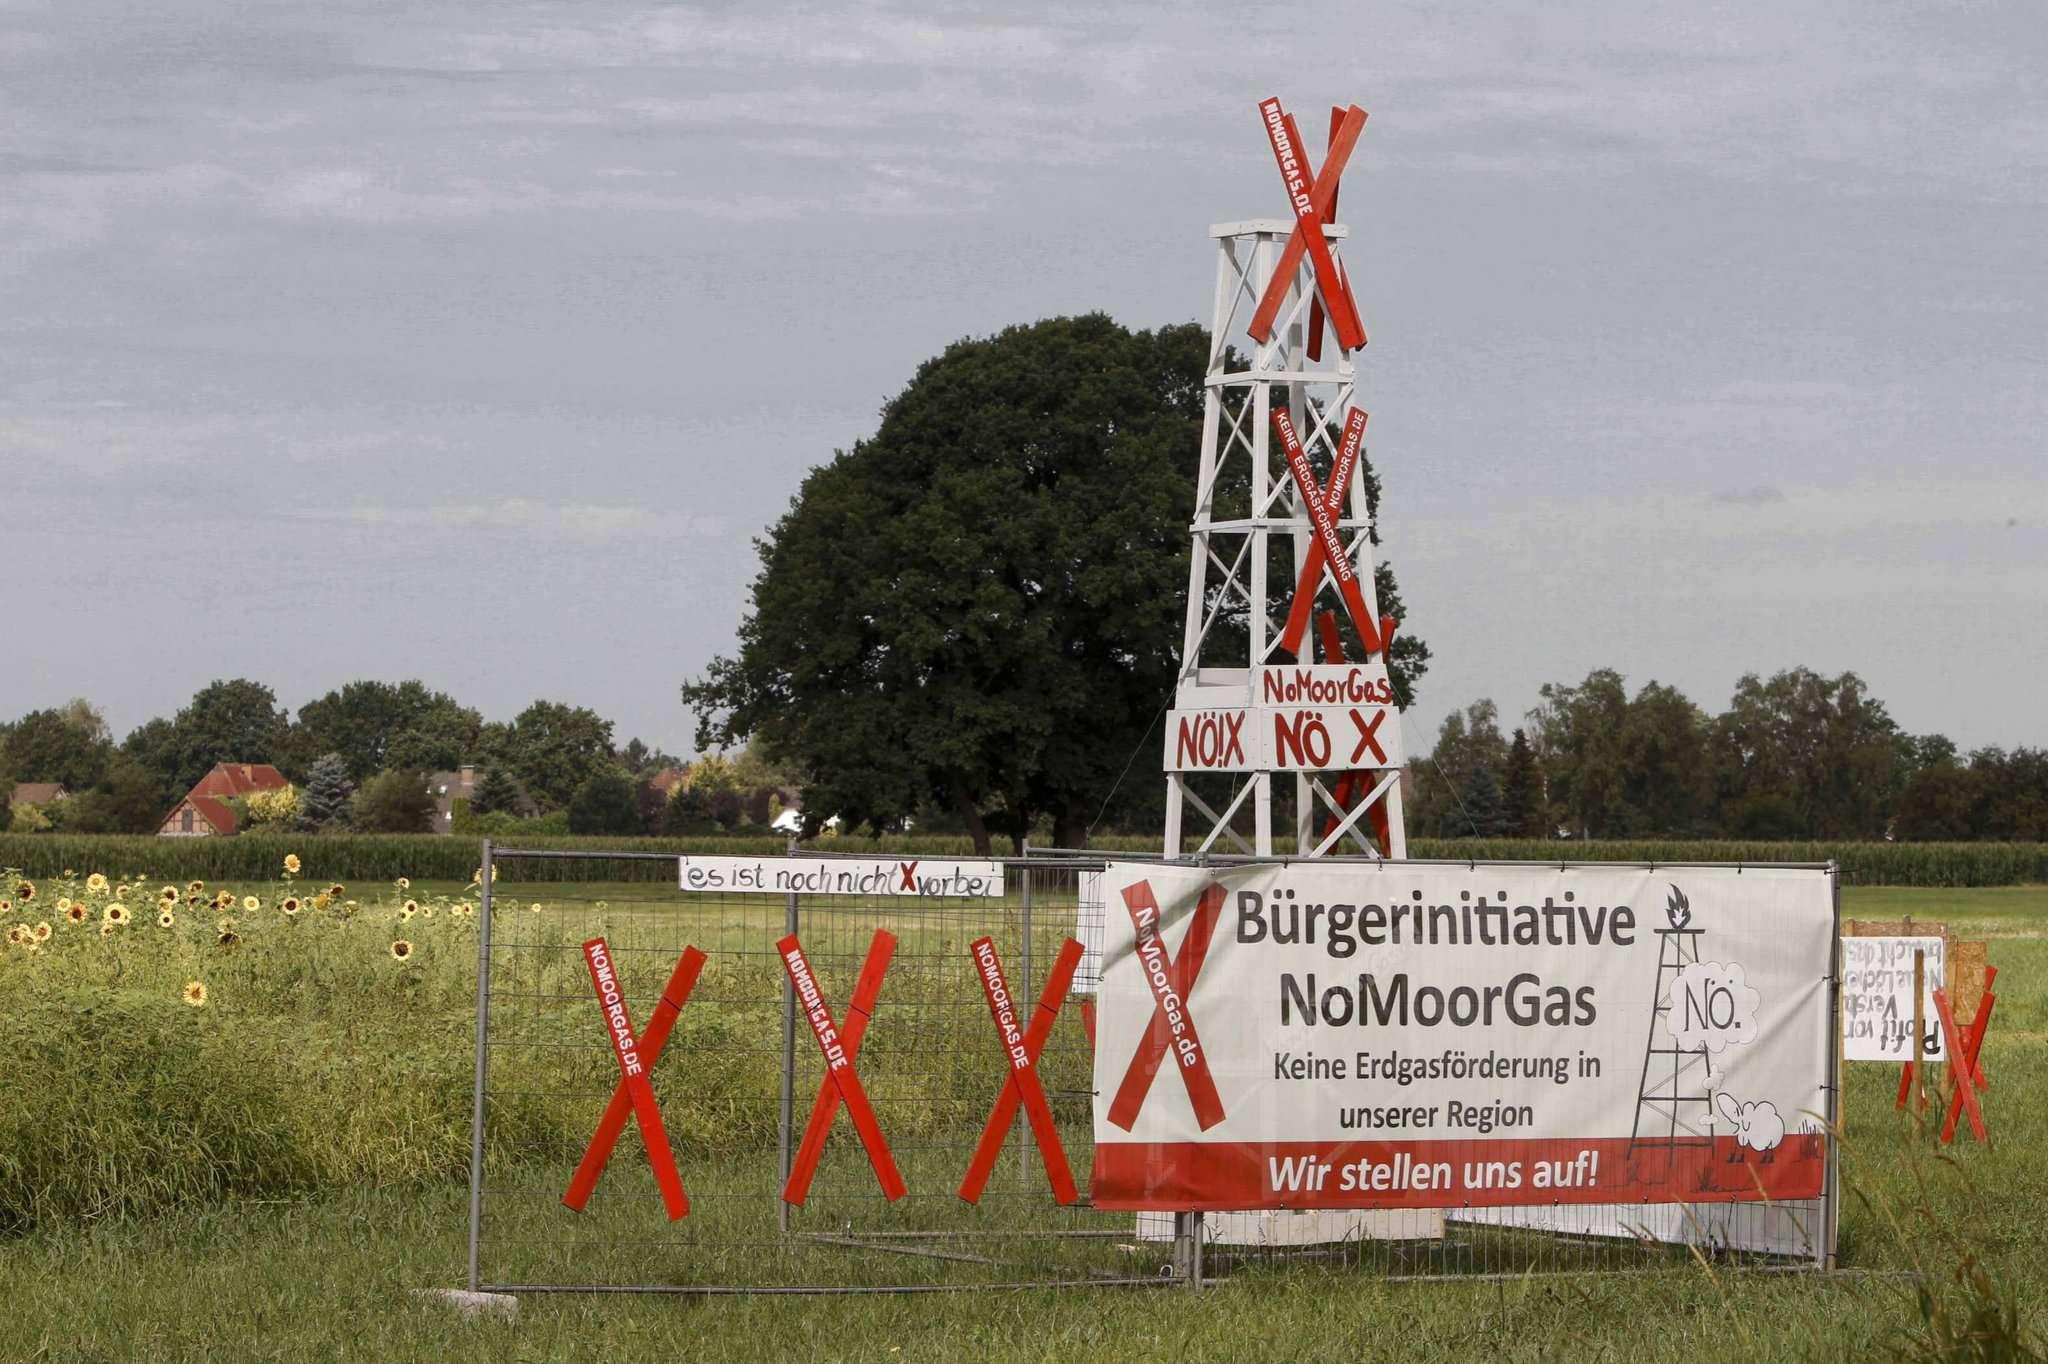 Die Bürger fordern schon lange ein Stopp von Gasbohrungen in ihrer Region. Foto: Tobias Woelki